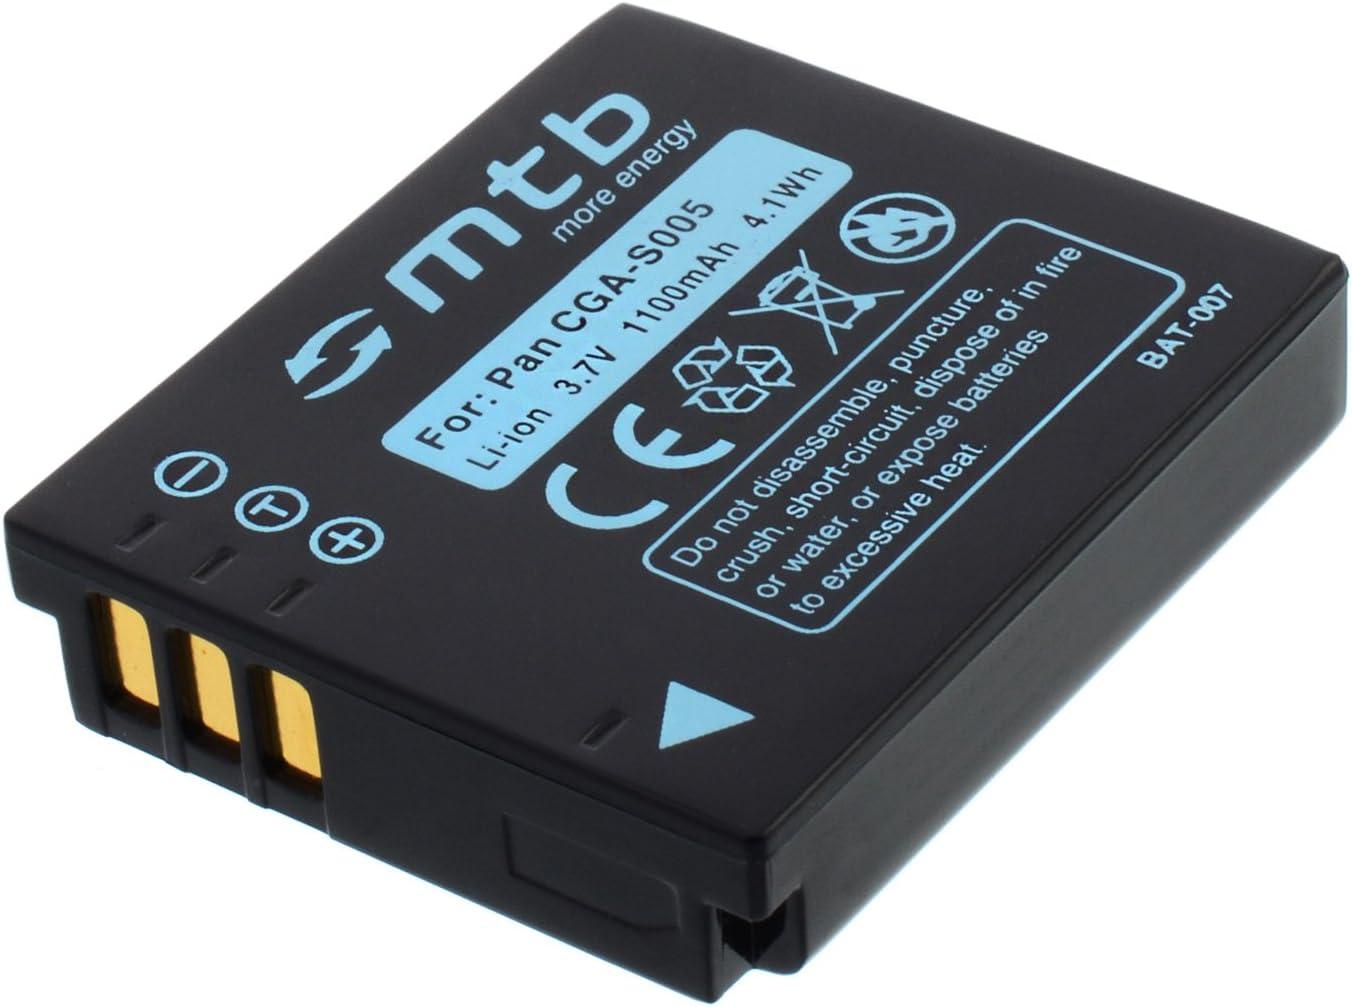 Battery CGA-S005 for Panasonic Lumix DMC-FS2 FX01 FX07 FX3 FX8 FX9